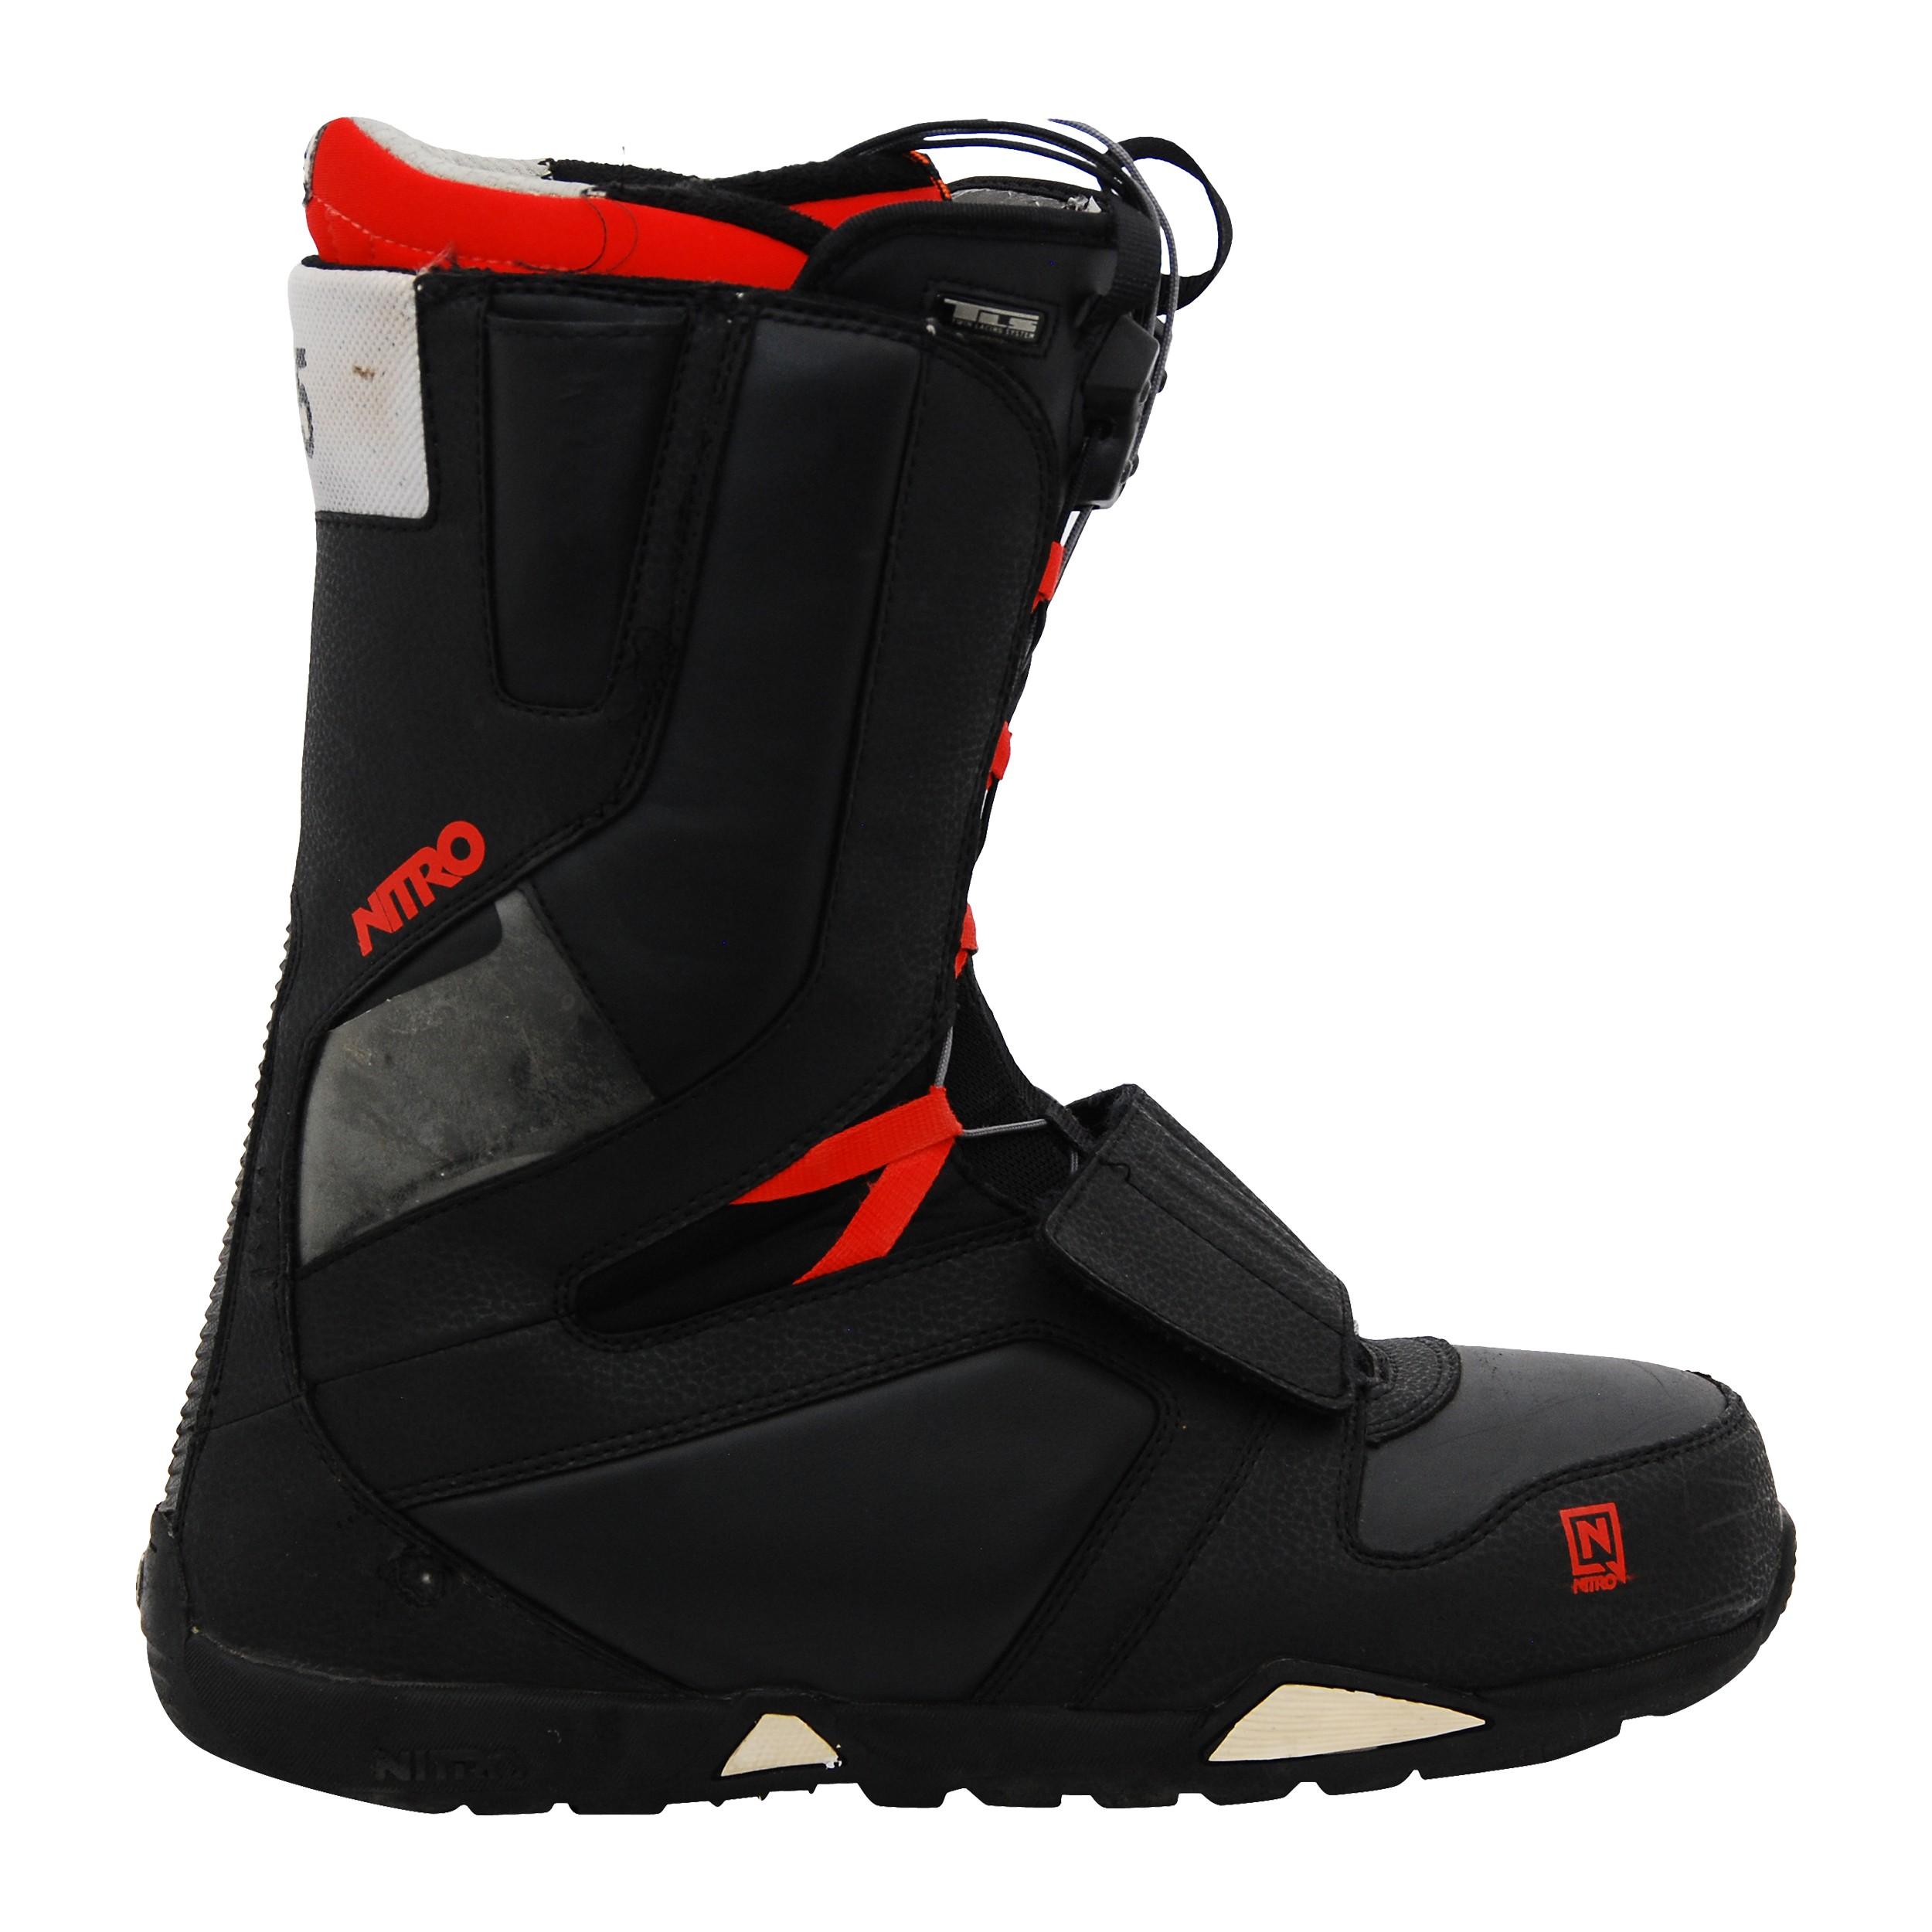 Boots occasion de snowboard NitroTLS noir et rouge